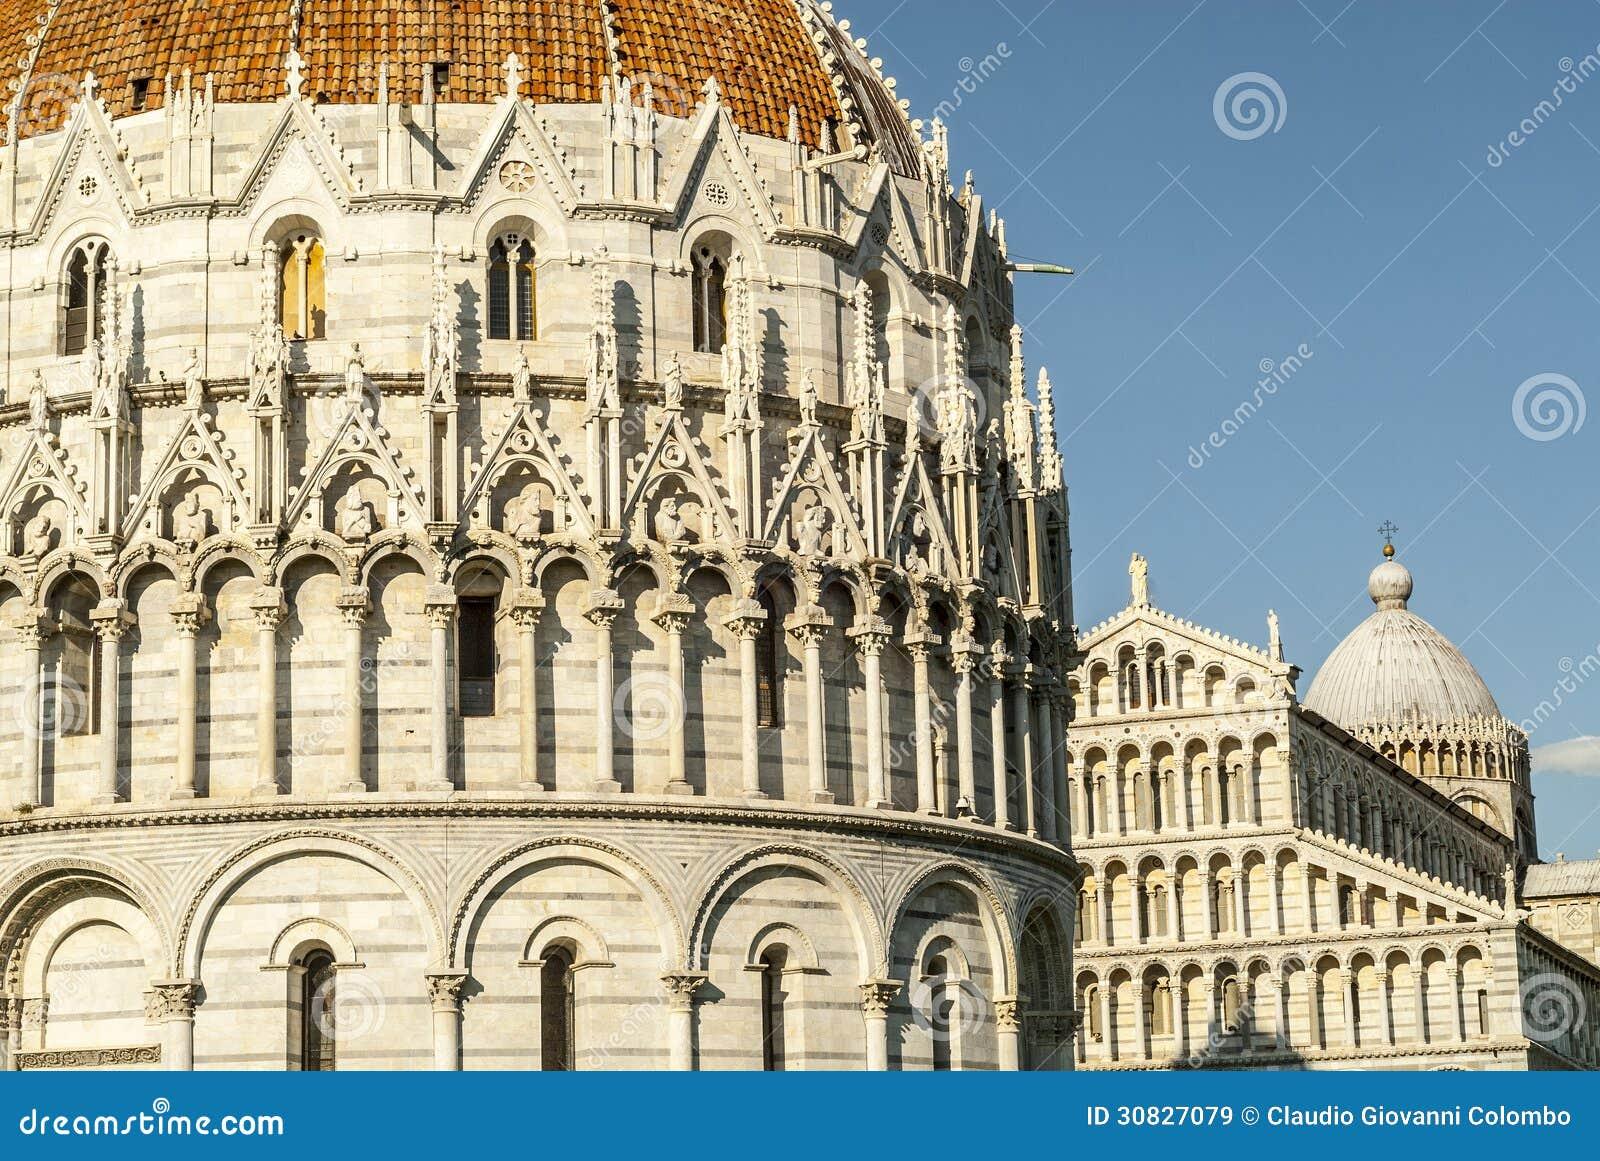 Pisa (Toscana) - cattedrale e battistero